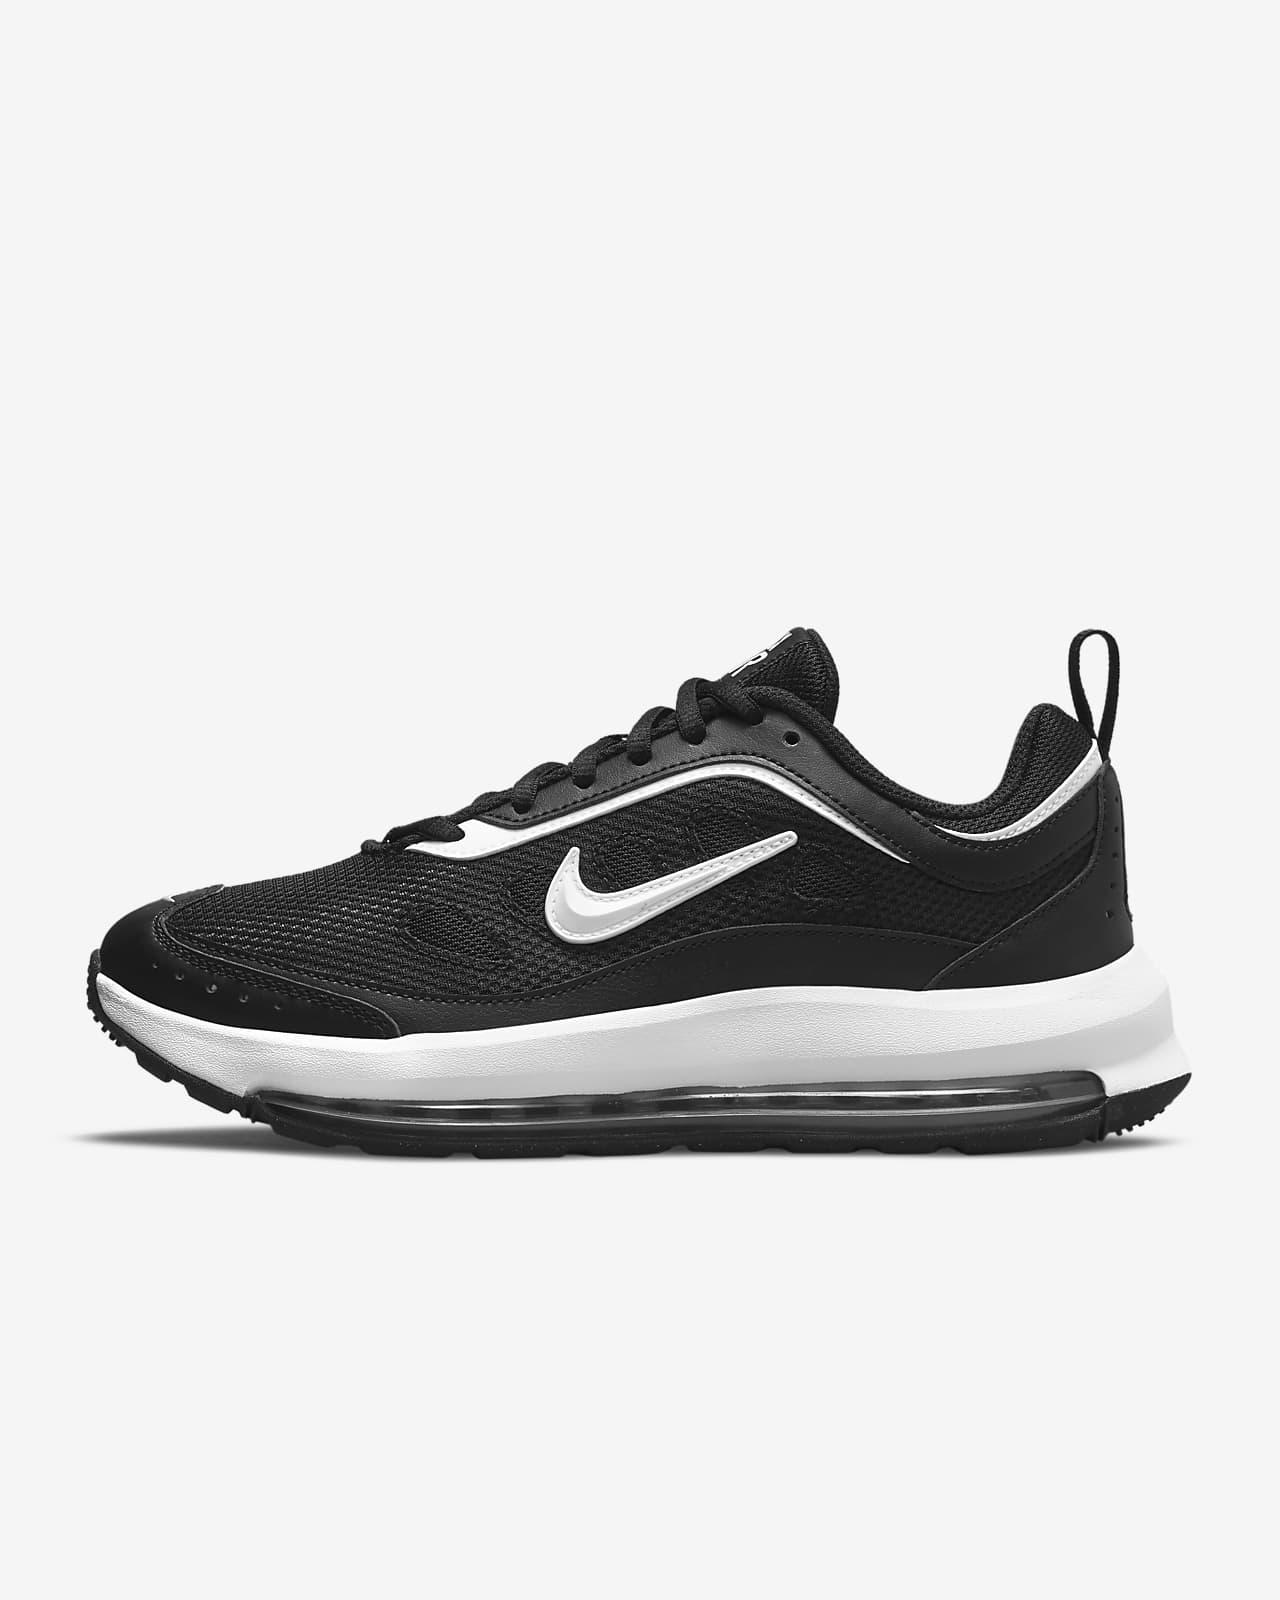 Nike Air Max AP Women's Shoe